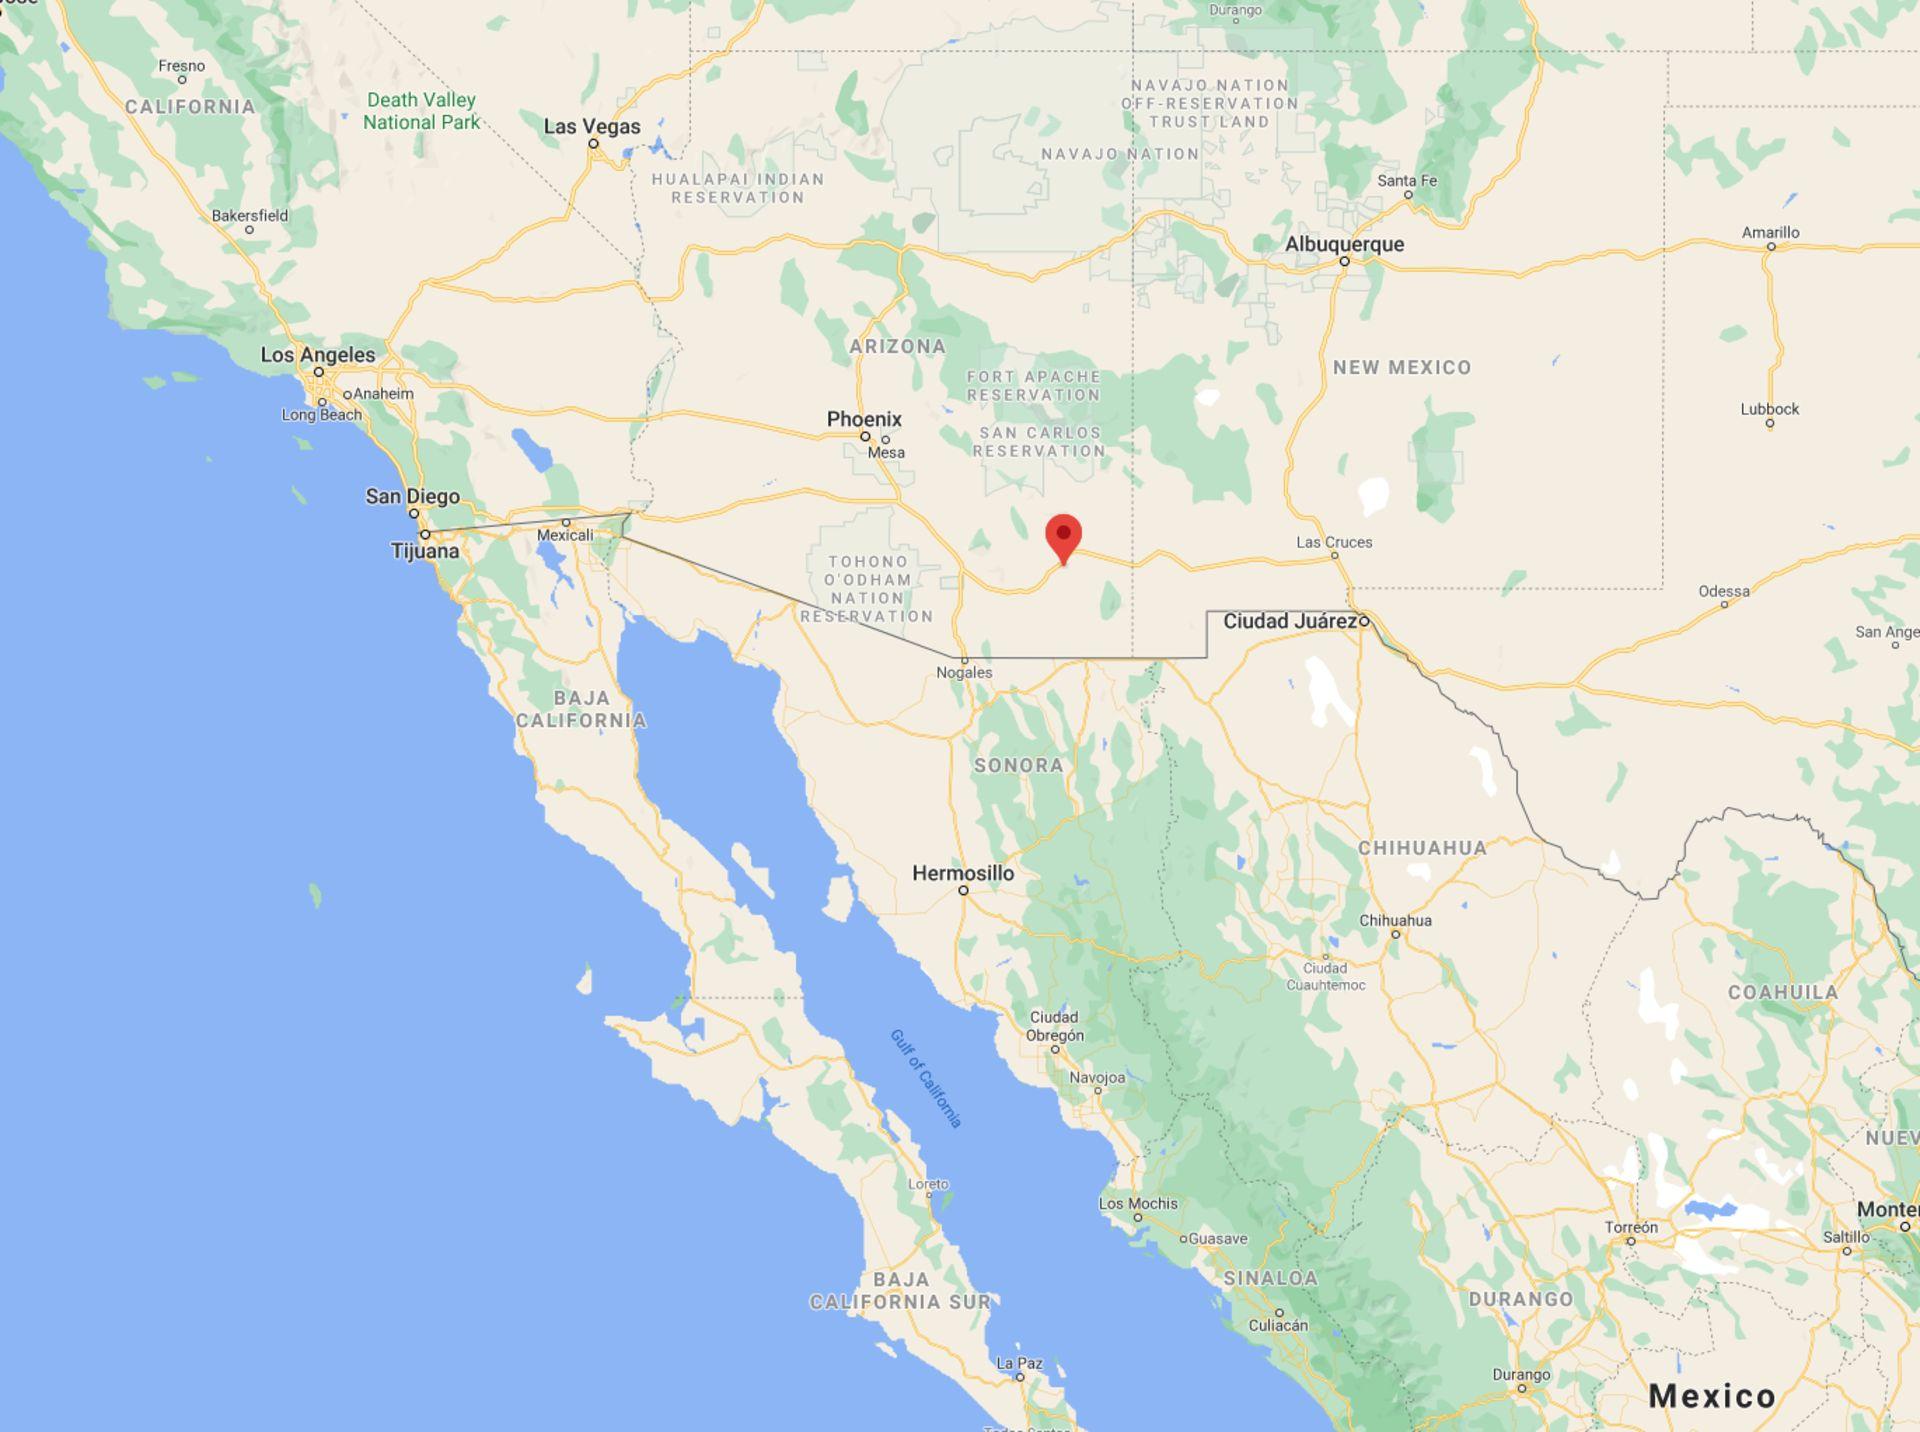 Mesmerizing Cochise County, AZ! - Image 5 of 6